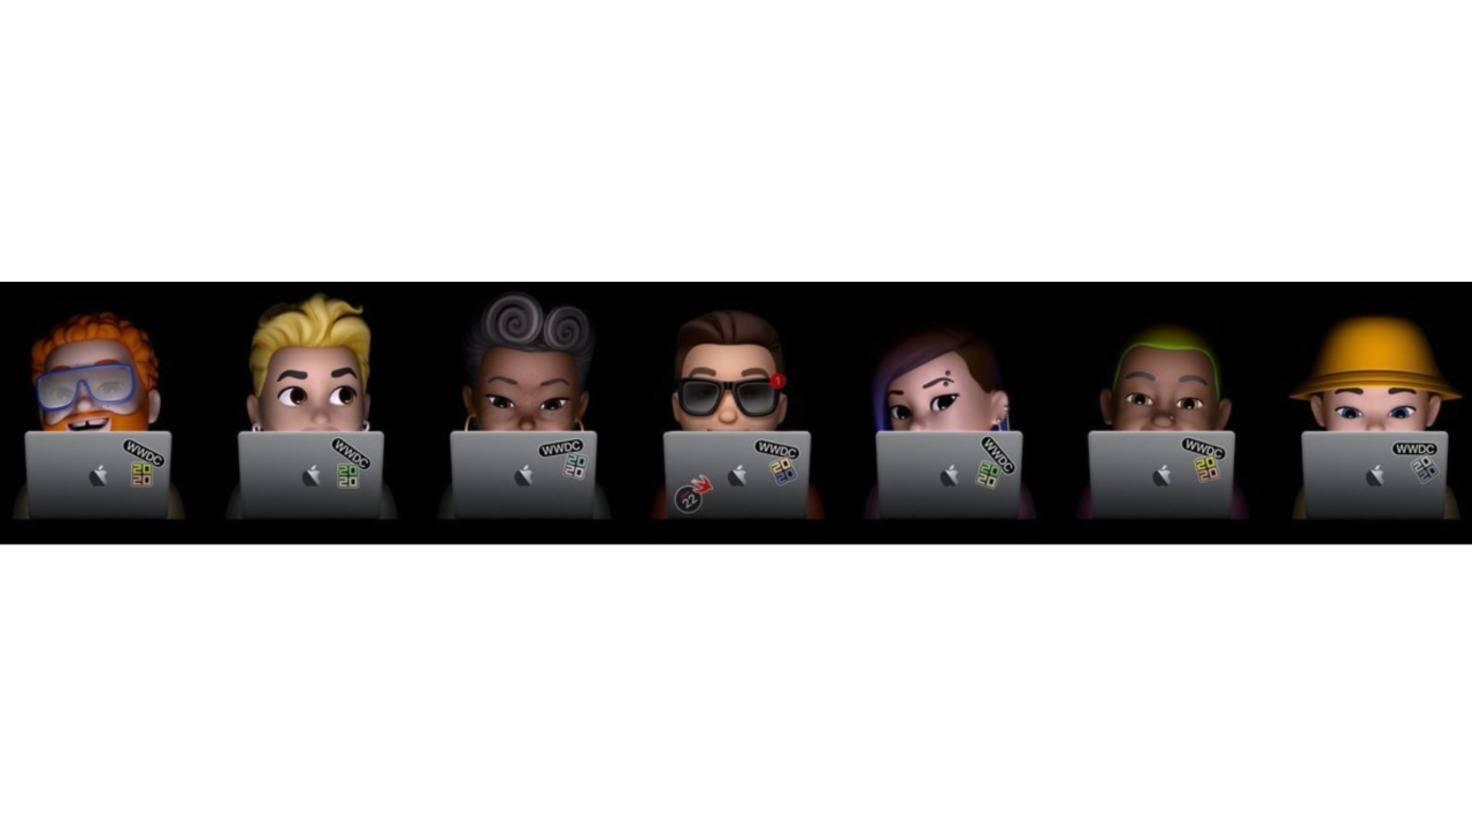 WWDC Einladung Hinweis Apple Glasses